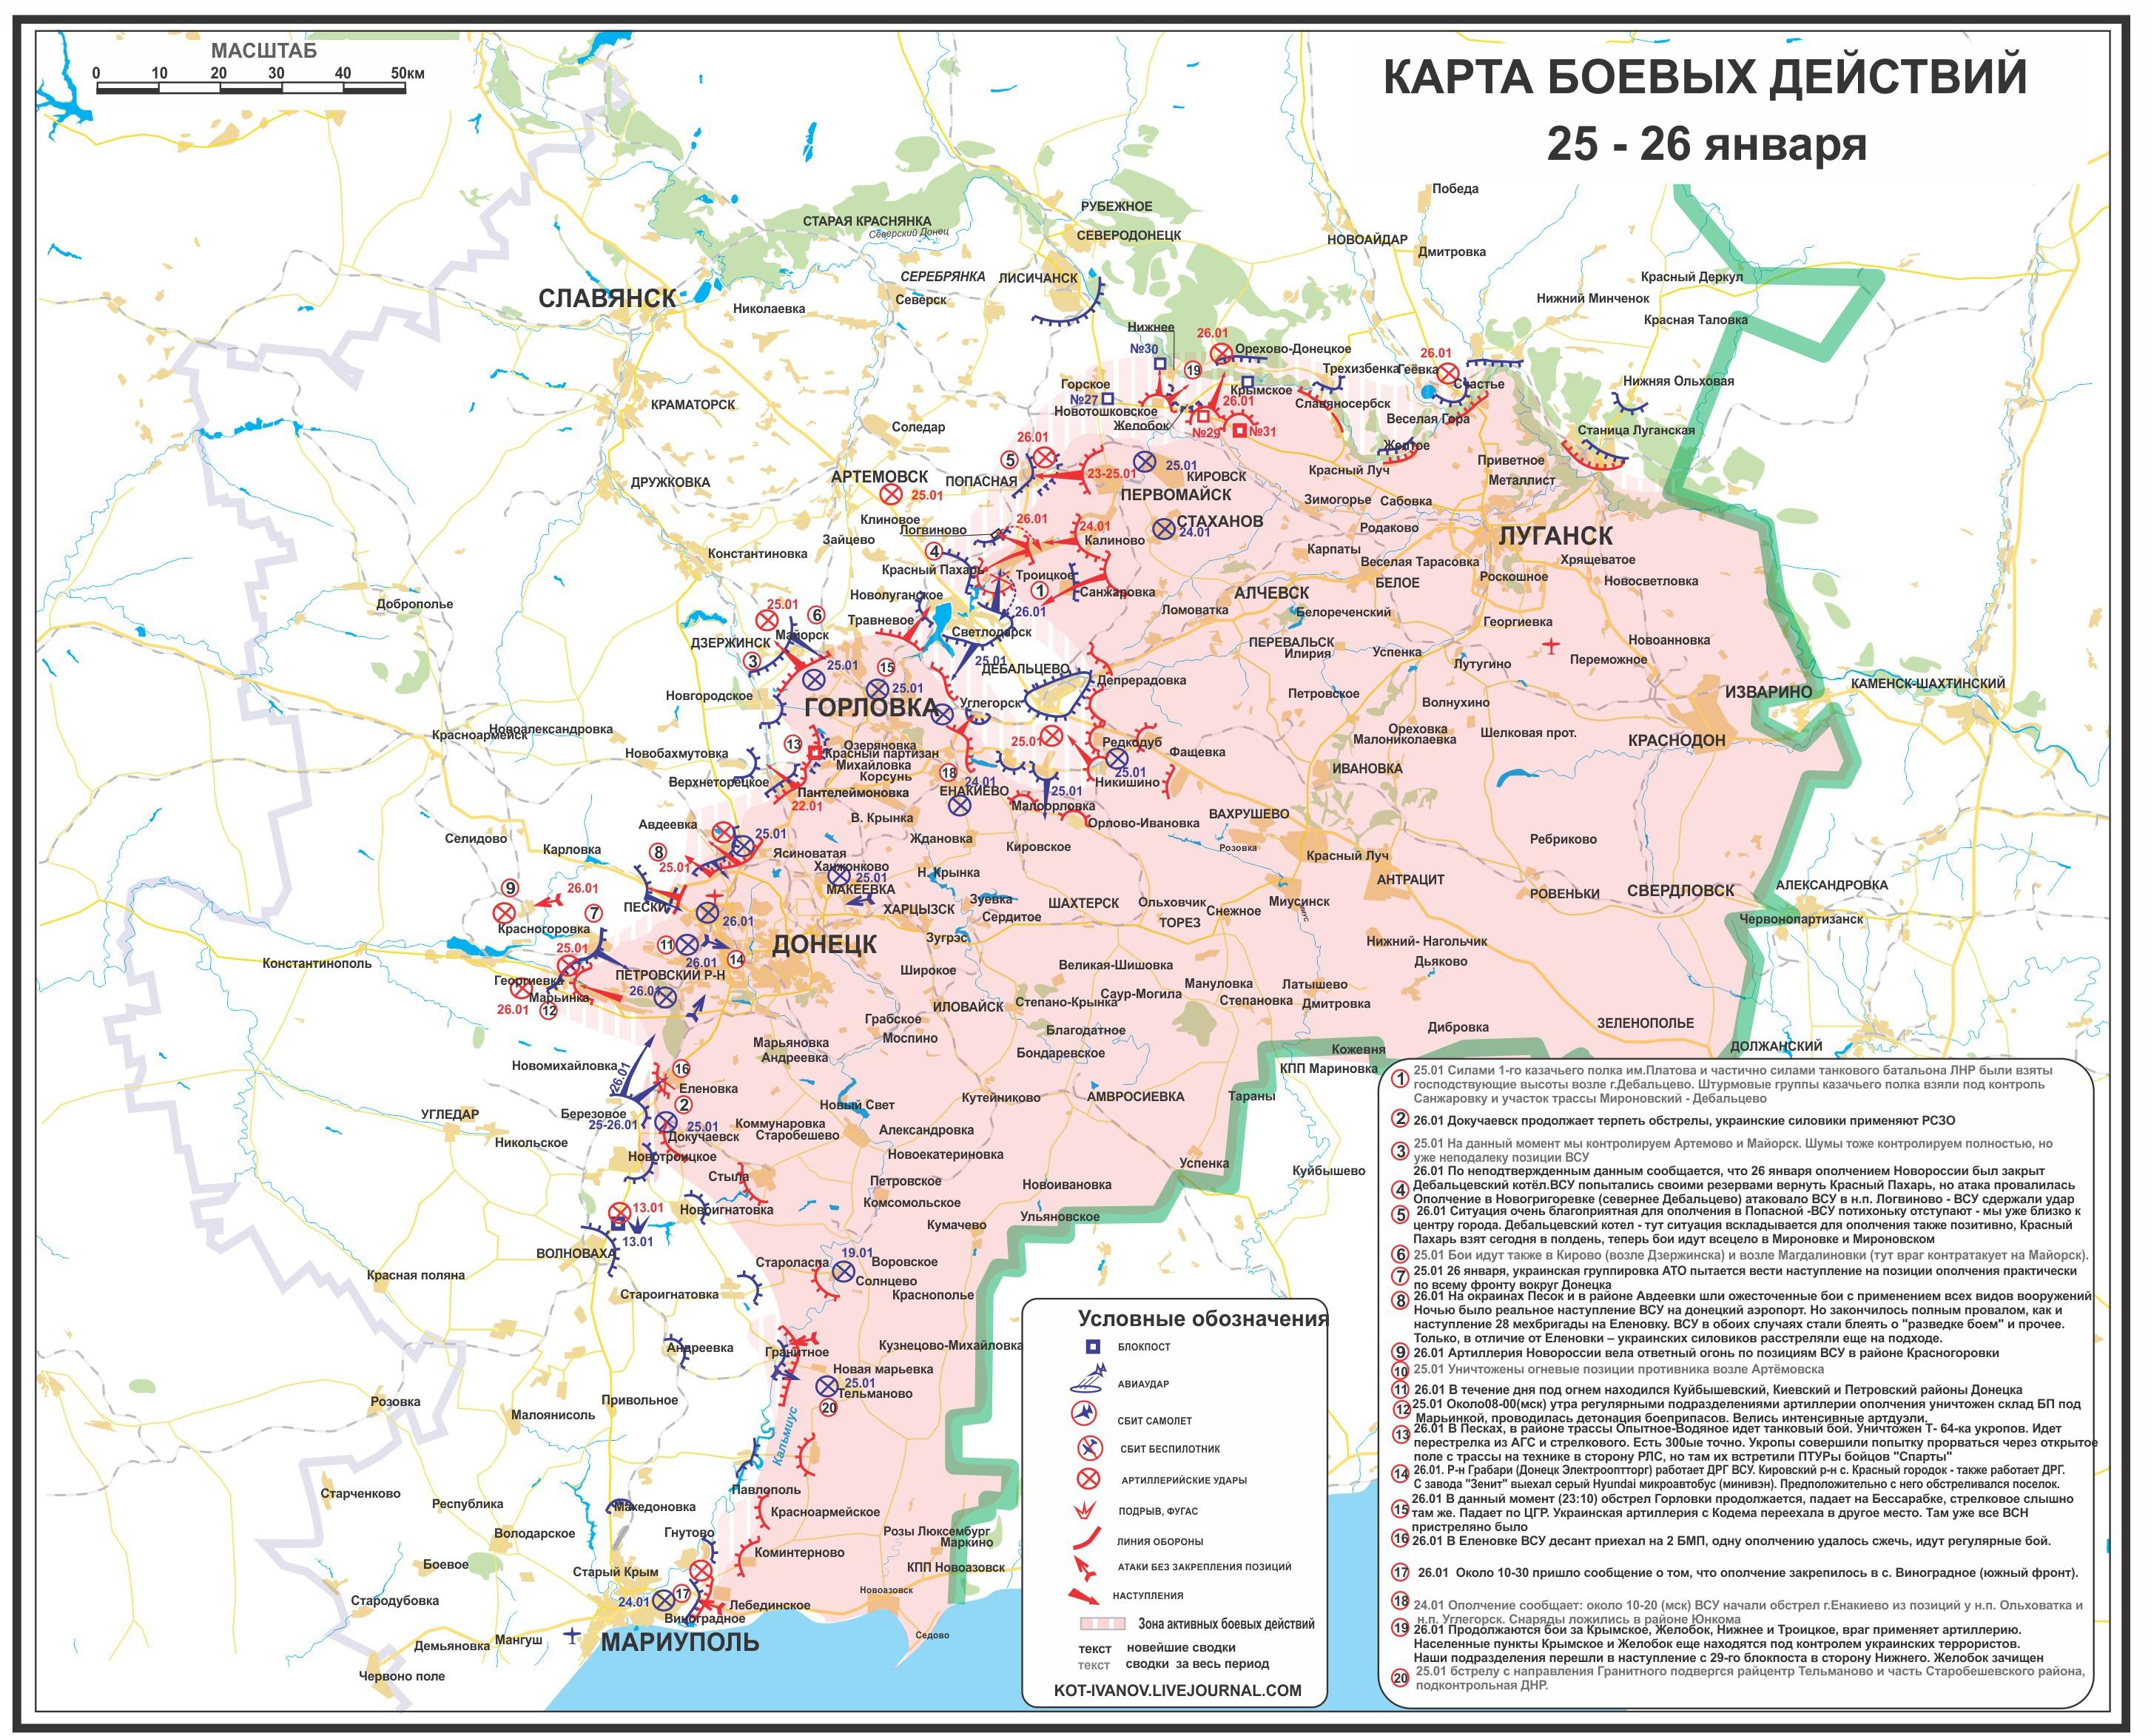 Aktuelle Lage in der Ostukraine (25.-26. Januar)